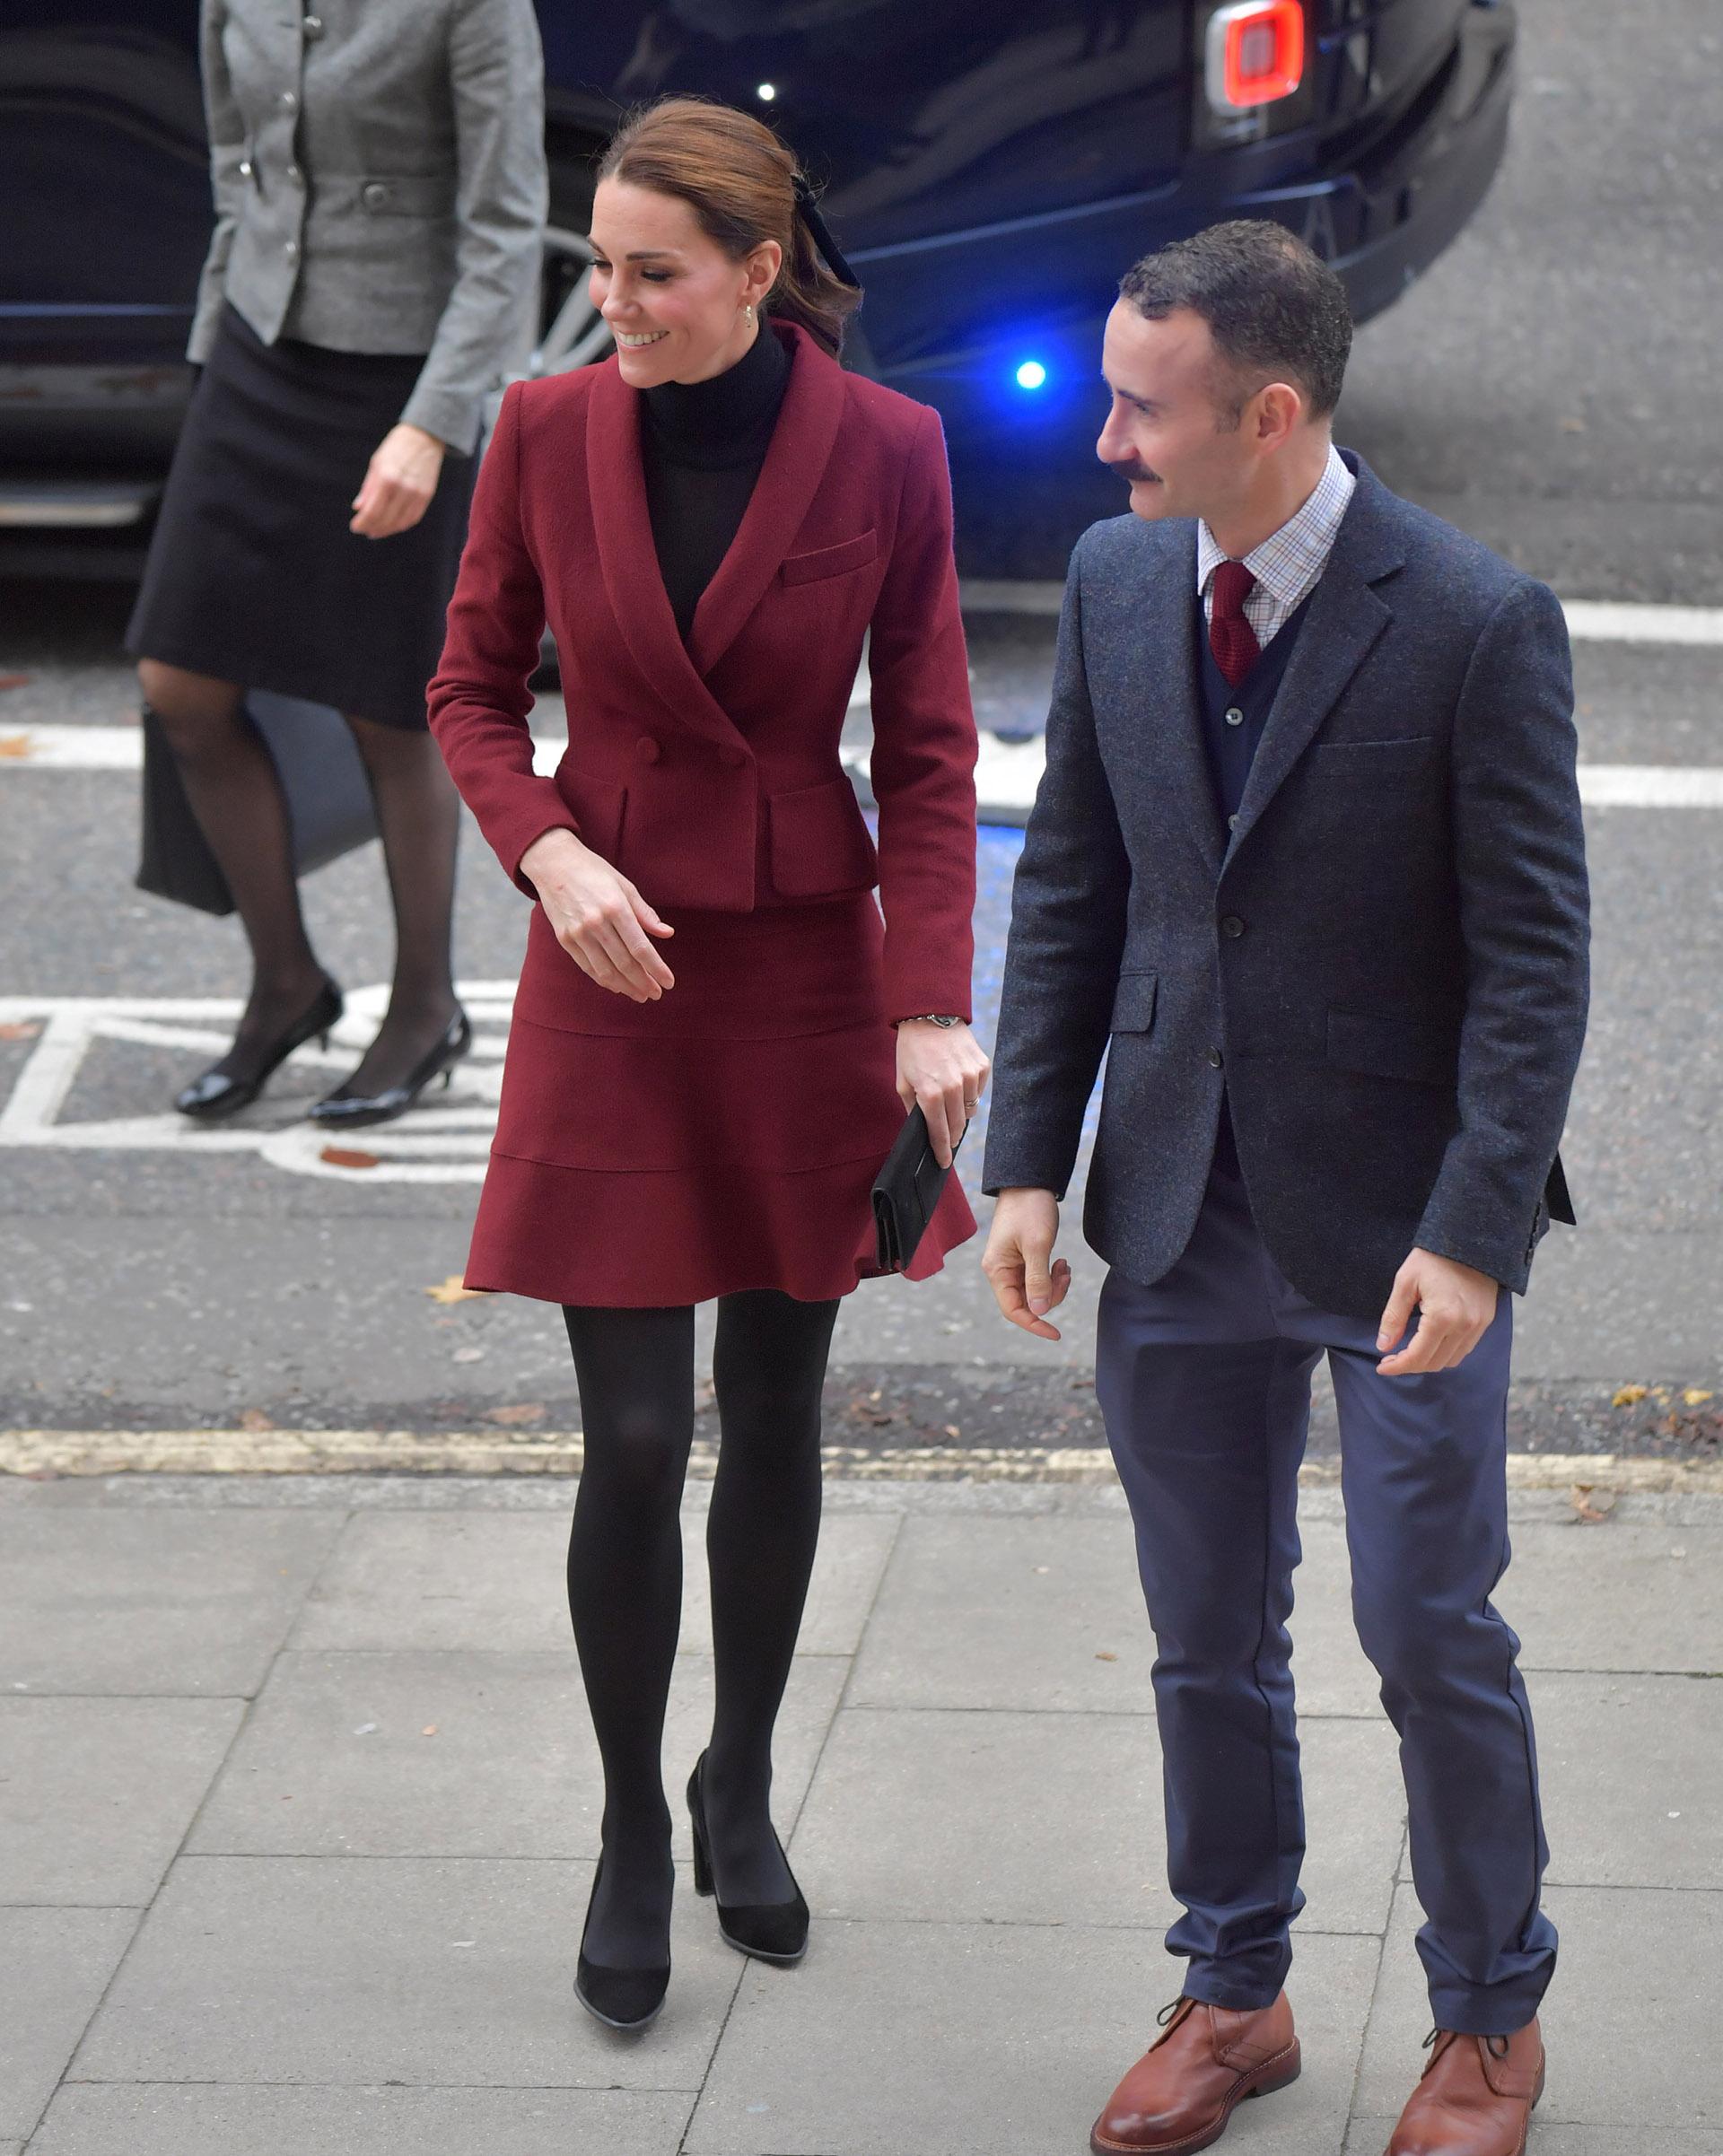 Para la ocasión, la duquesa eligió un traje bordó cruzado con una minifalda suelta